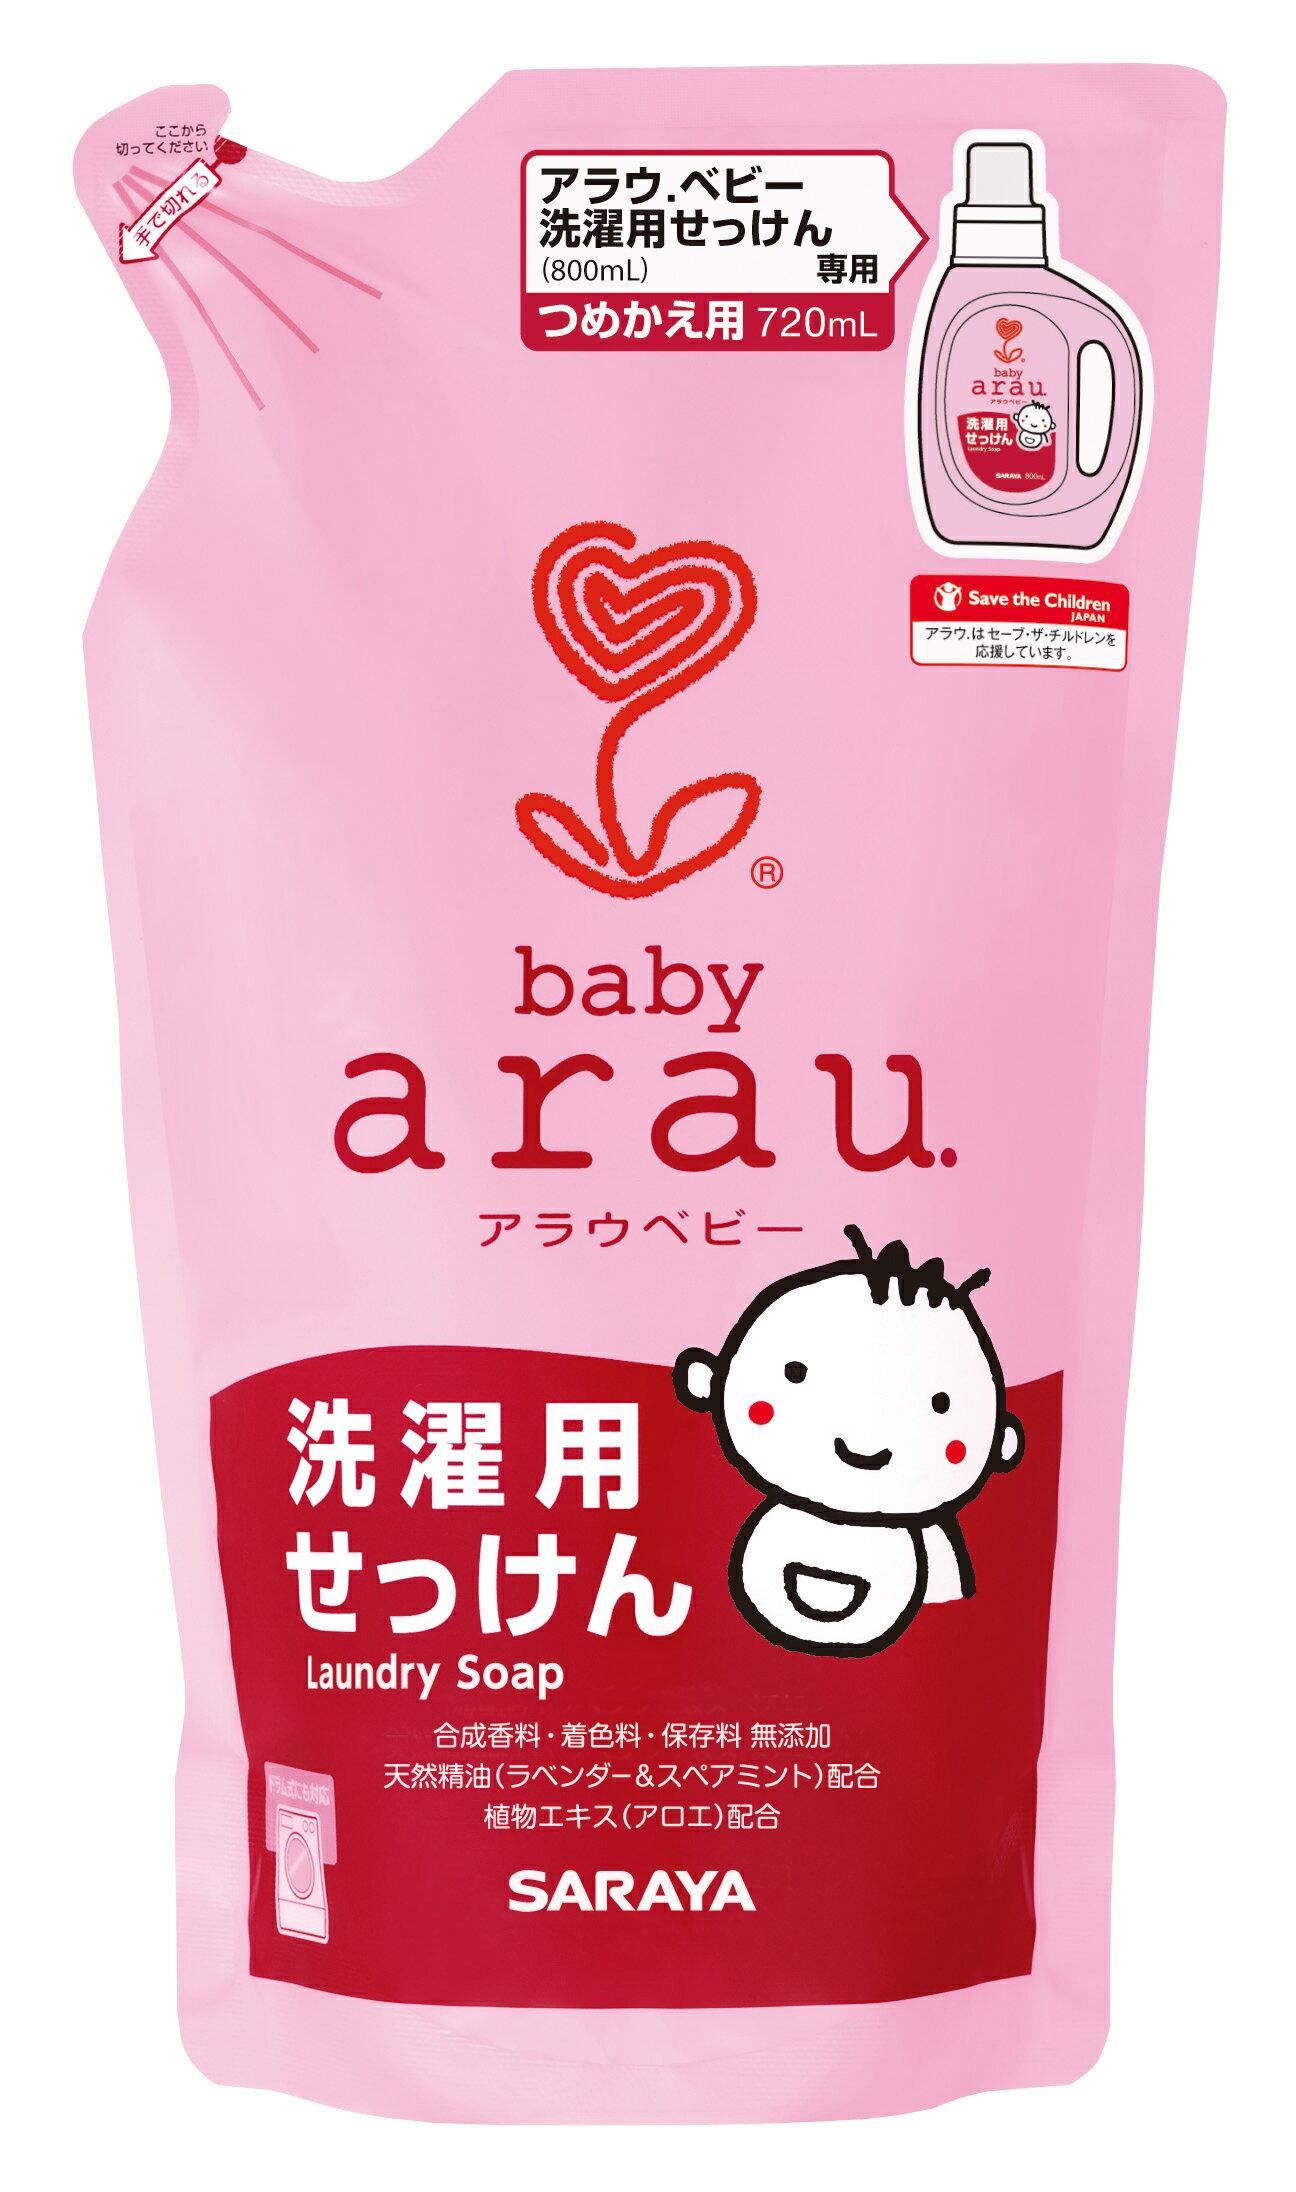 Arau Baby 無添加洗衣精(補充包)(720ml)(好窩生活節) - 限時優惠好康折扣